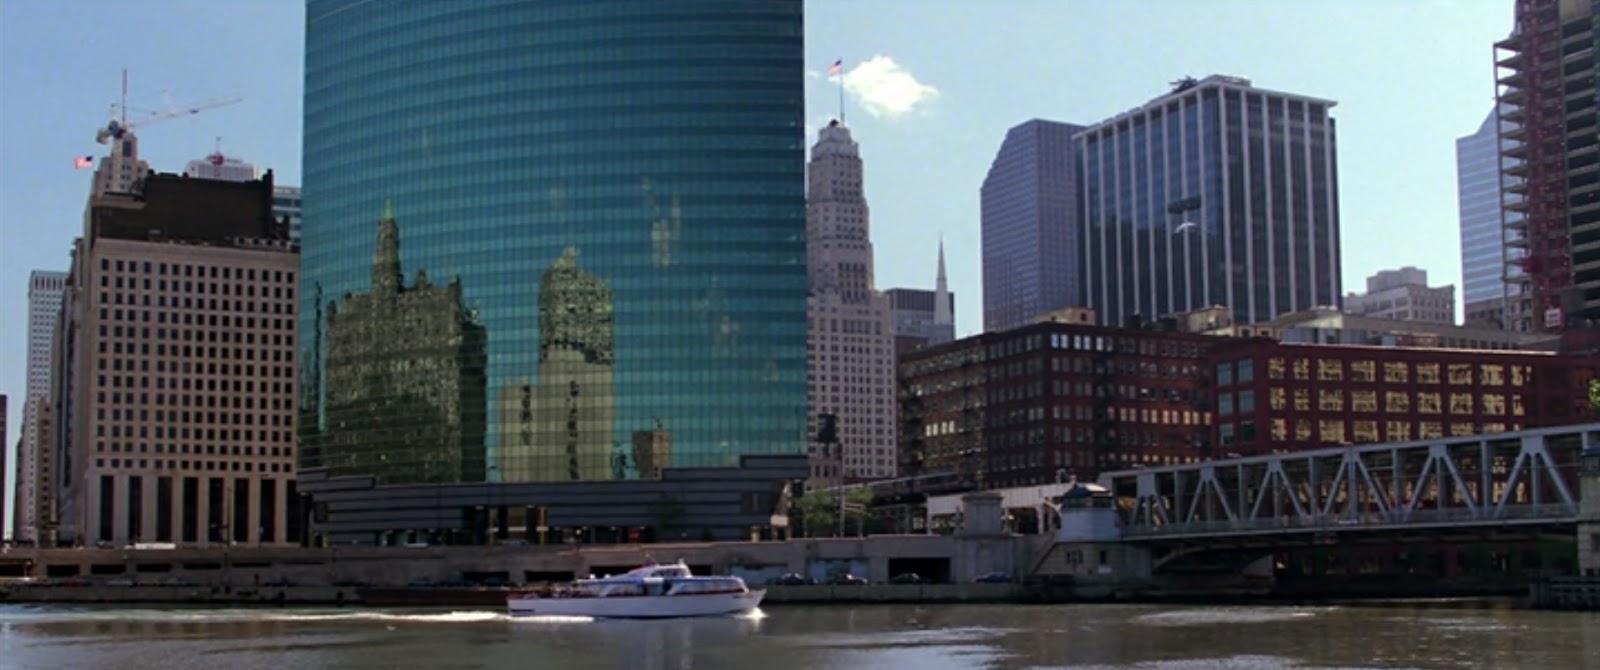 4-chicago.jpg